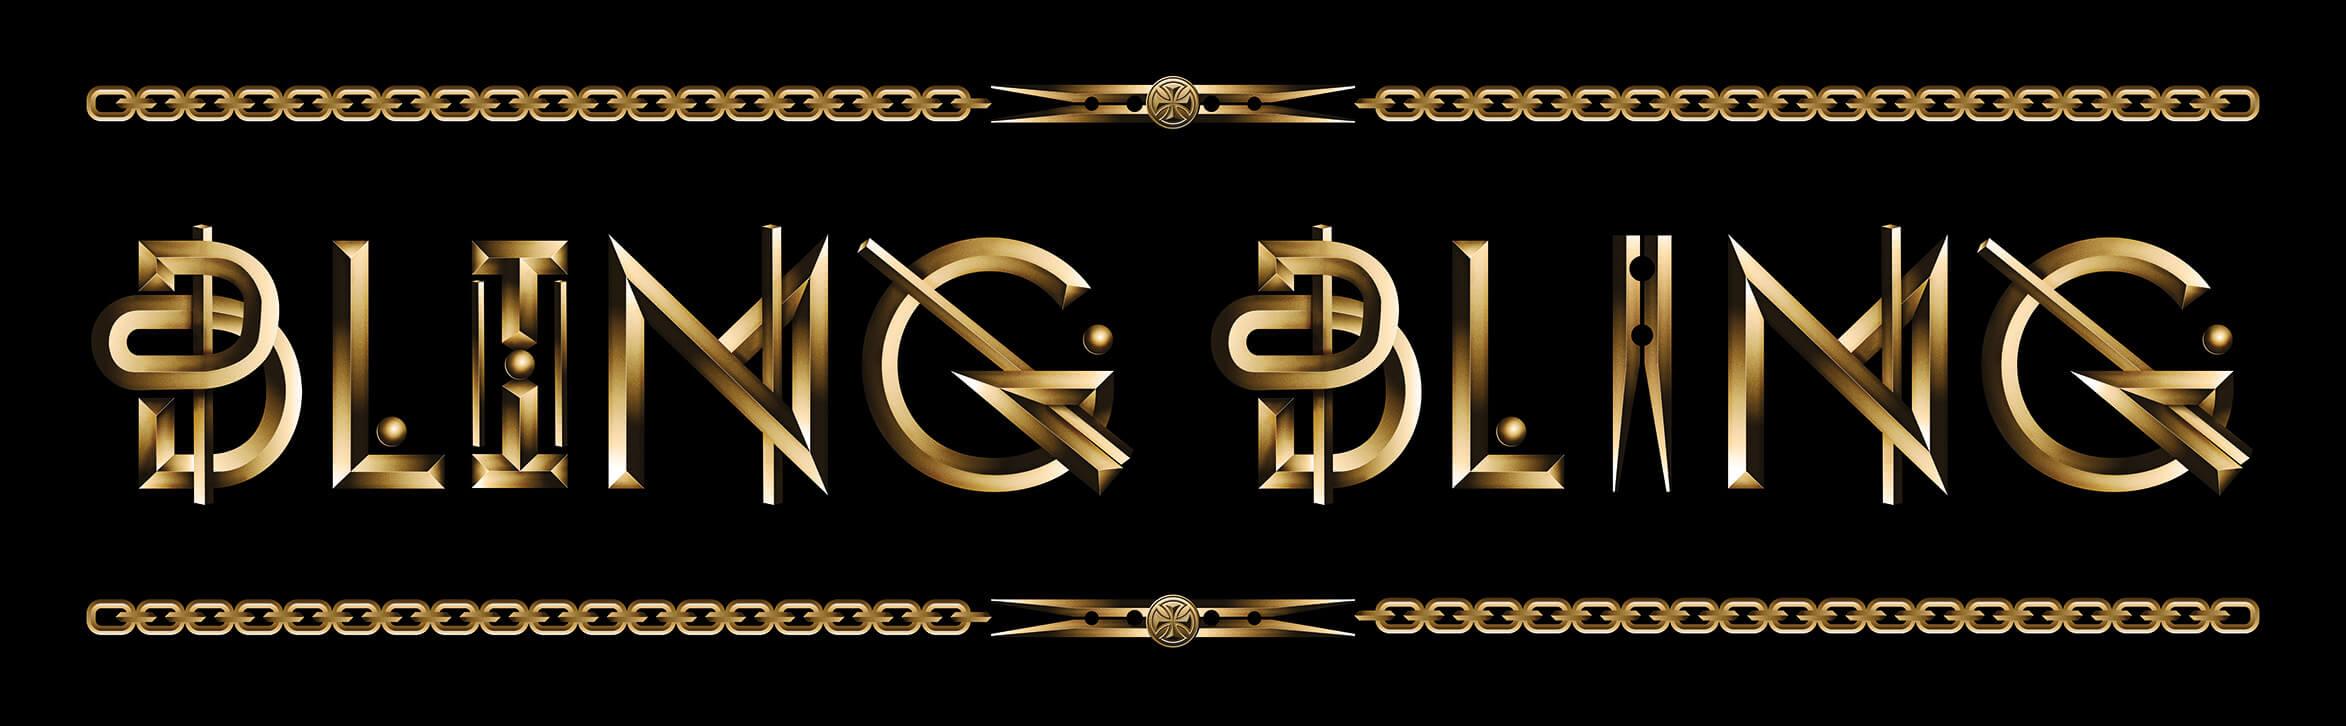 LD_BLING_BLING_1171